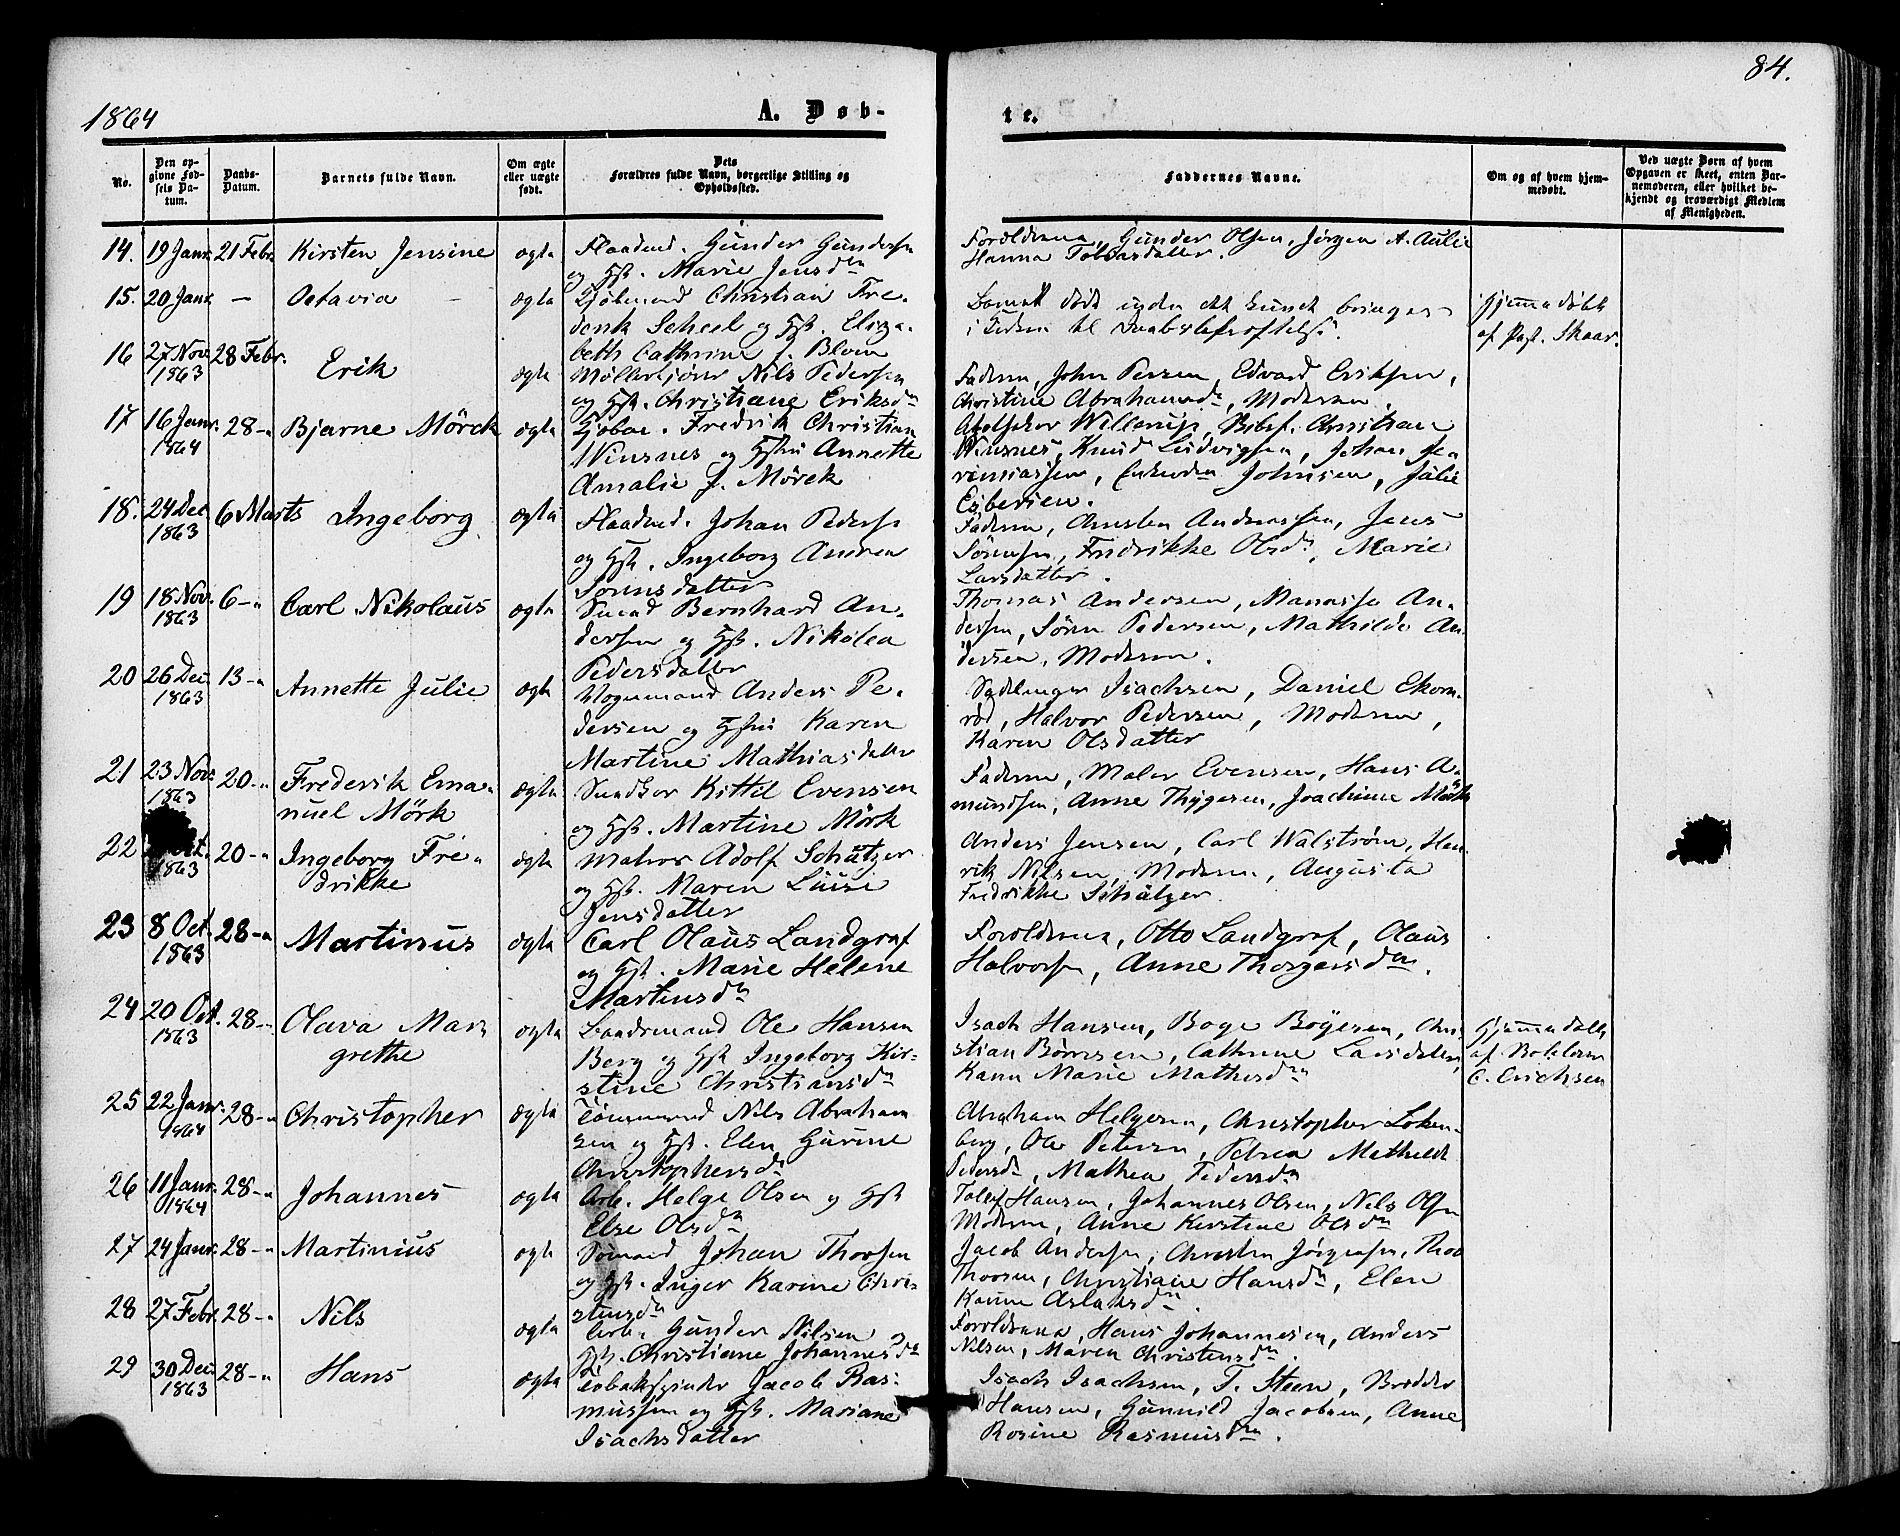 SAKO, Skien kirkebøker, F/Fa/L0007: Ministerialbok nr. 7, 1856-1865, s. 84